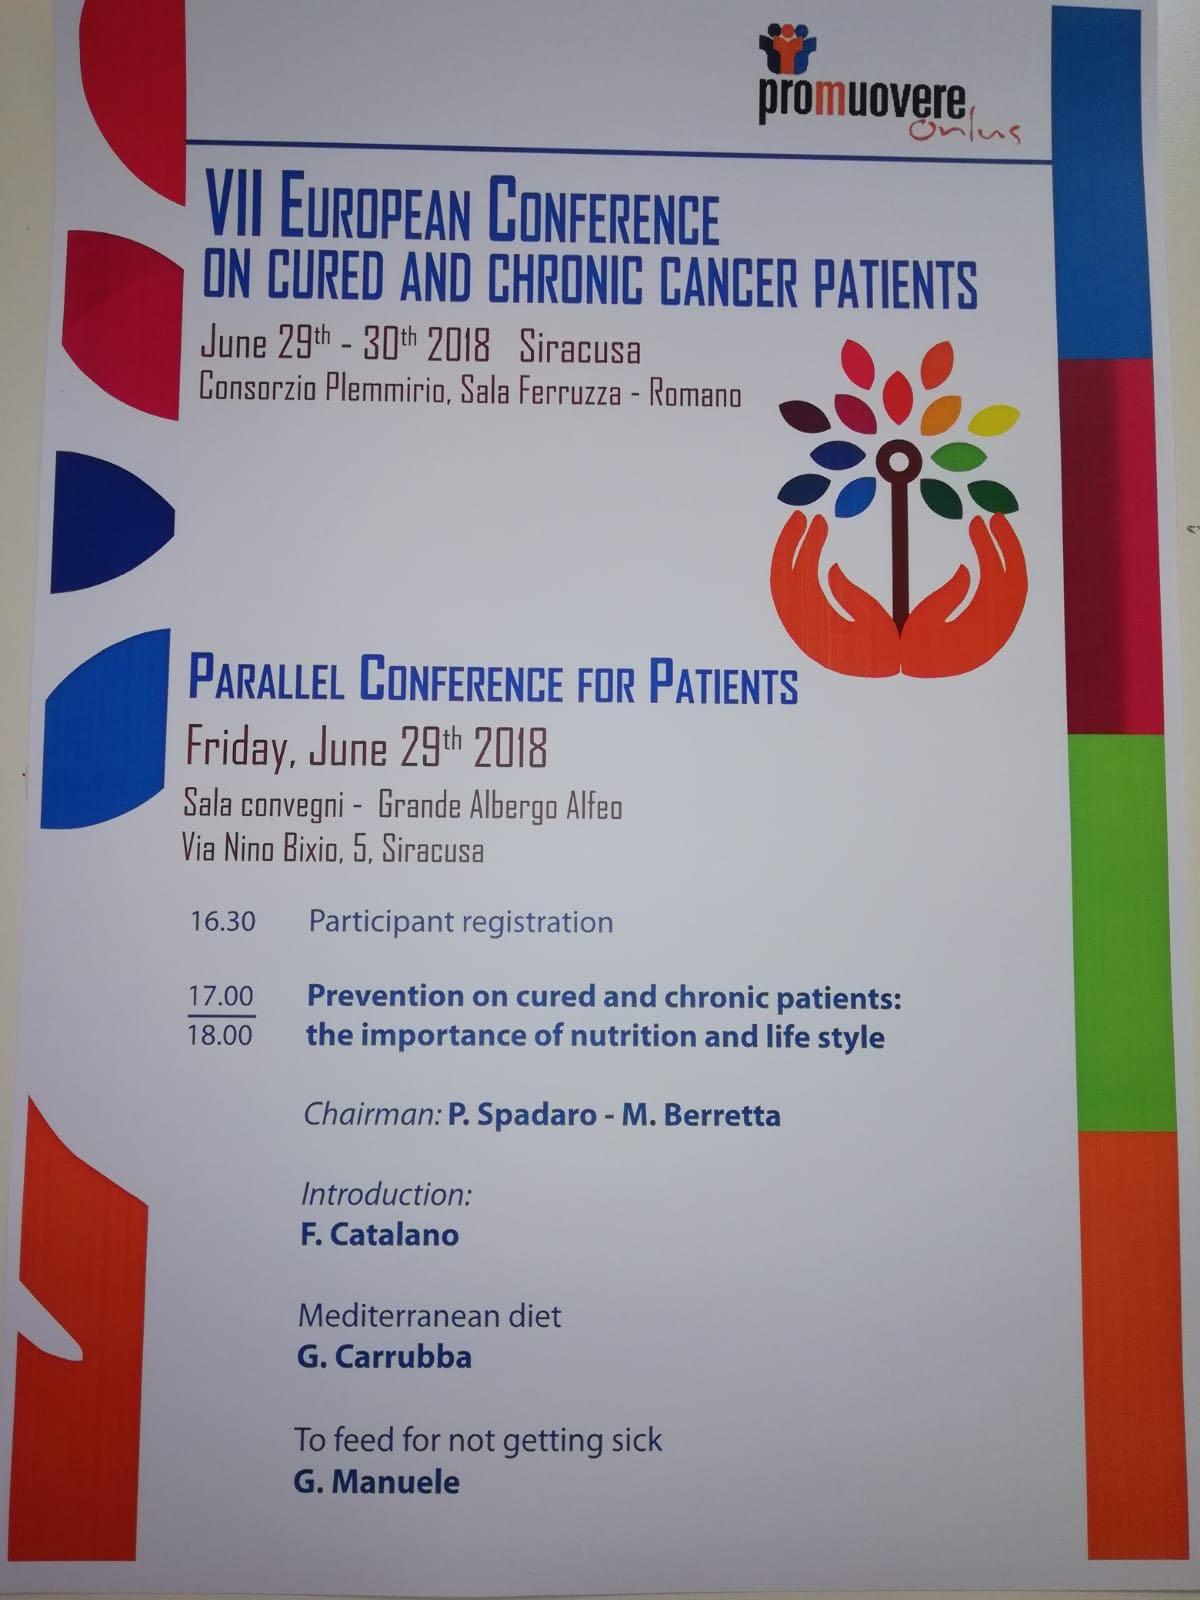 - A causa di problematiche organizzative, la sede della conferenza per i pazienti è stata cambiata e si terrà presso la Sala Convegni del Grande Albergo Alfeo (Via Nino Bixio n.5 Siracusa).